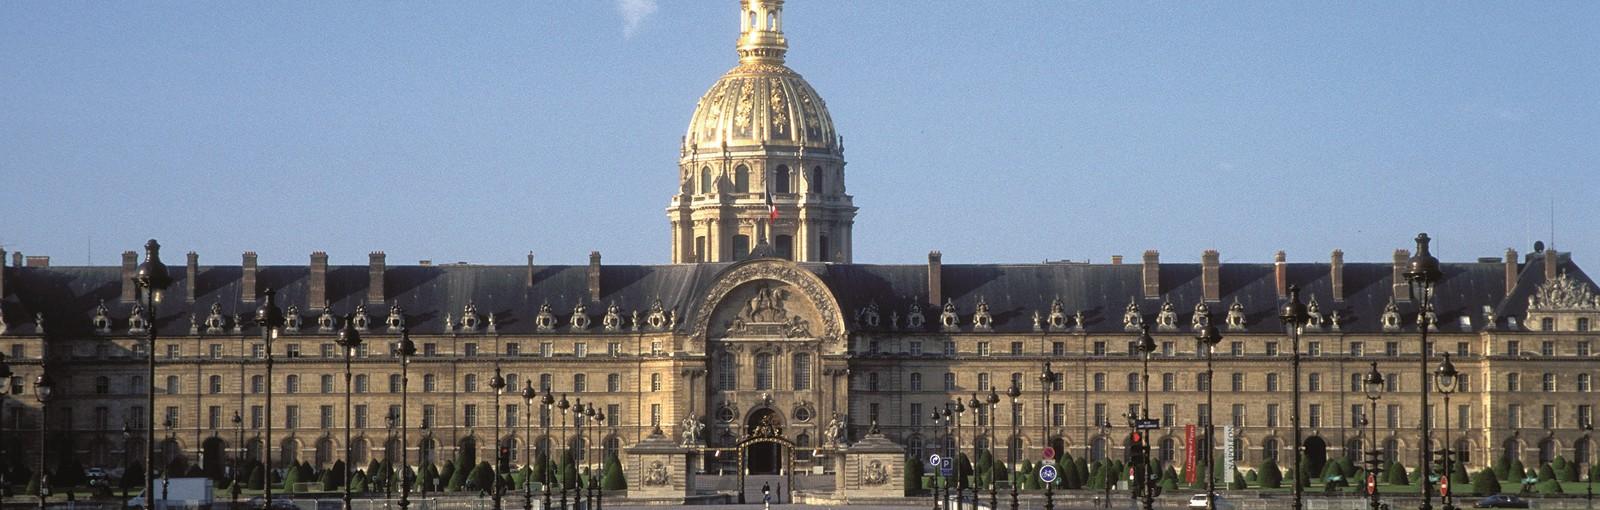 Tours los Inválidos - museo de la Guerra - Tumba de Napoleón - Visitas a pie - Visitas de Paris